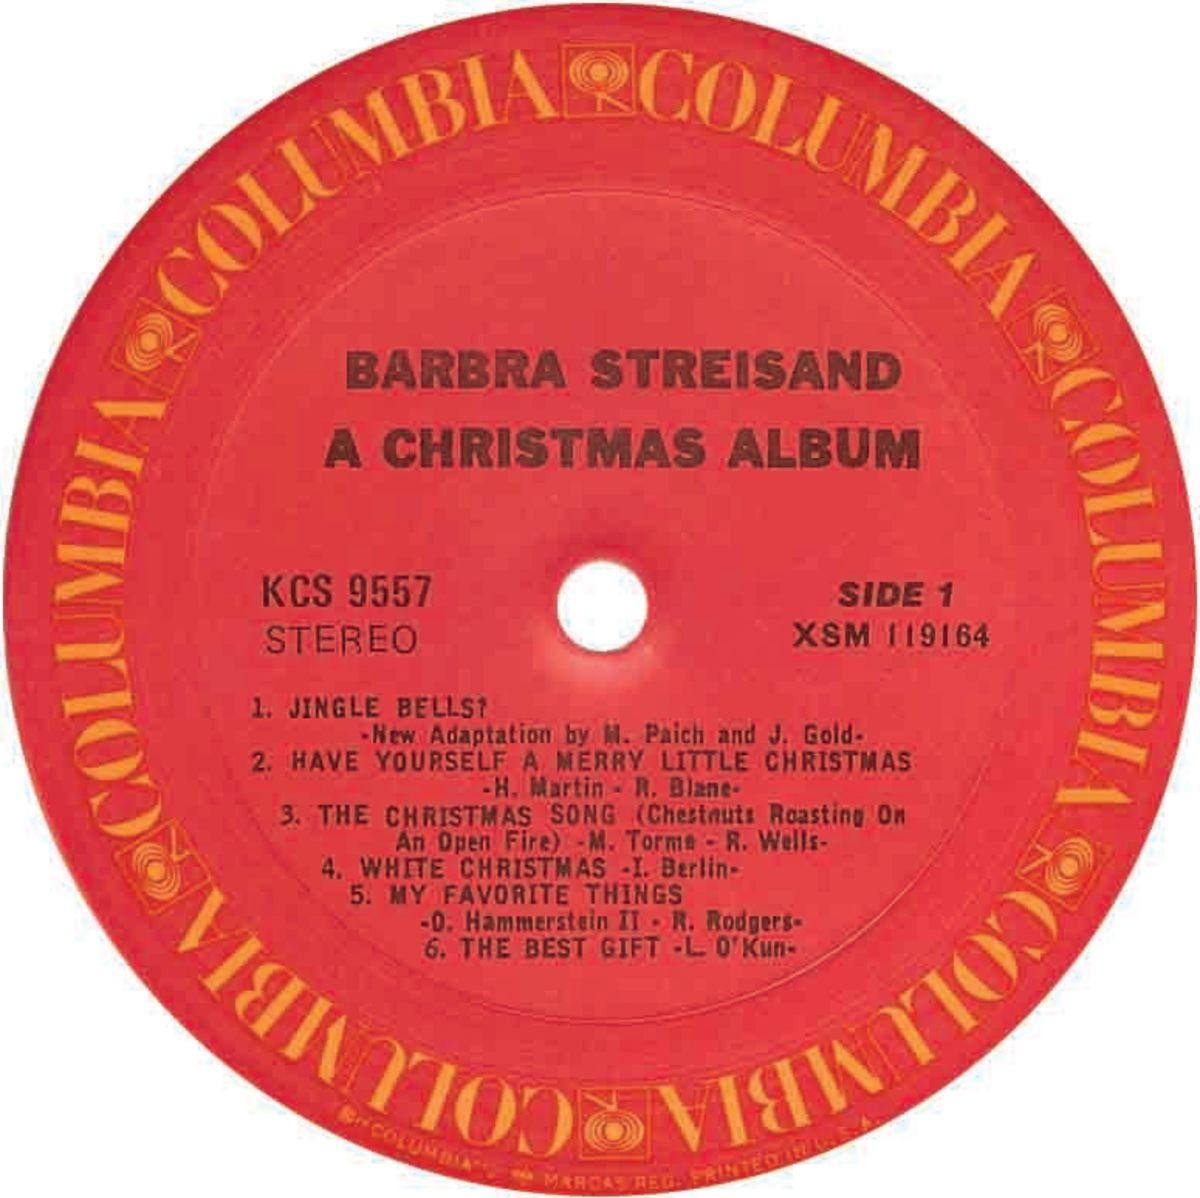 A Christmas Album, Barbra Streisand, 1967.